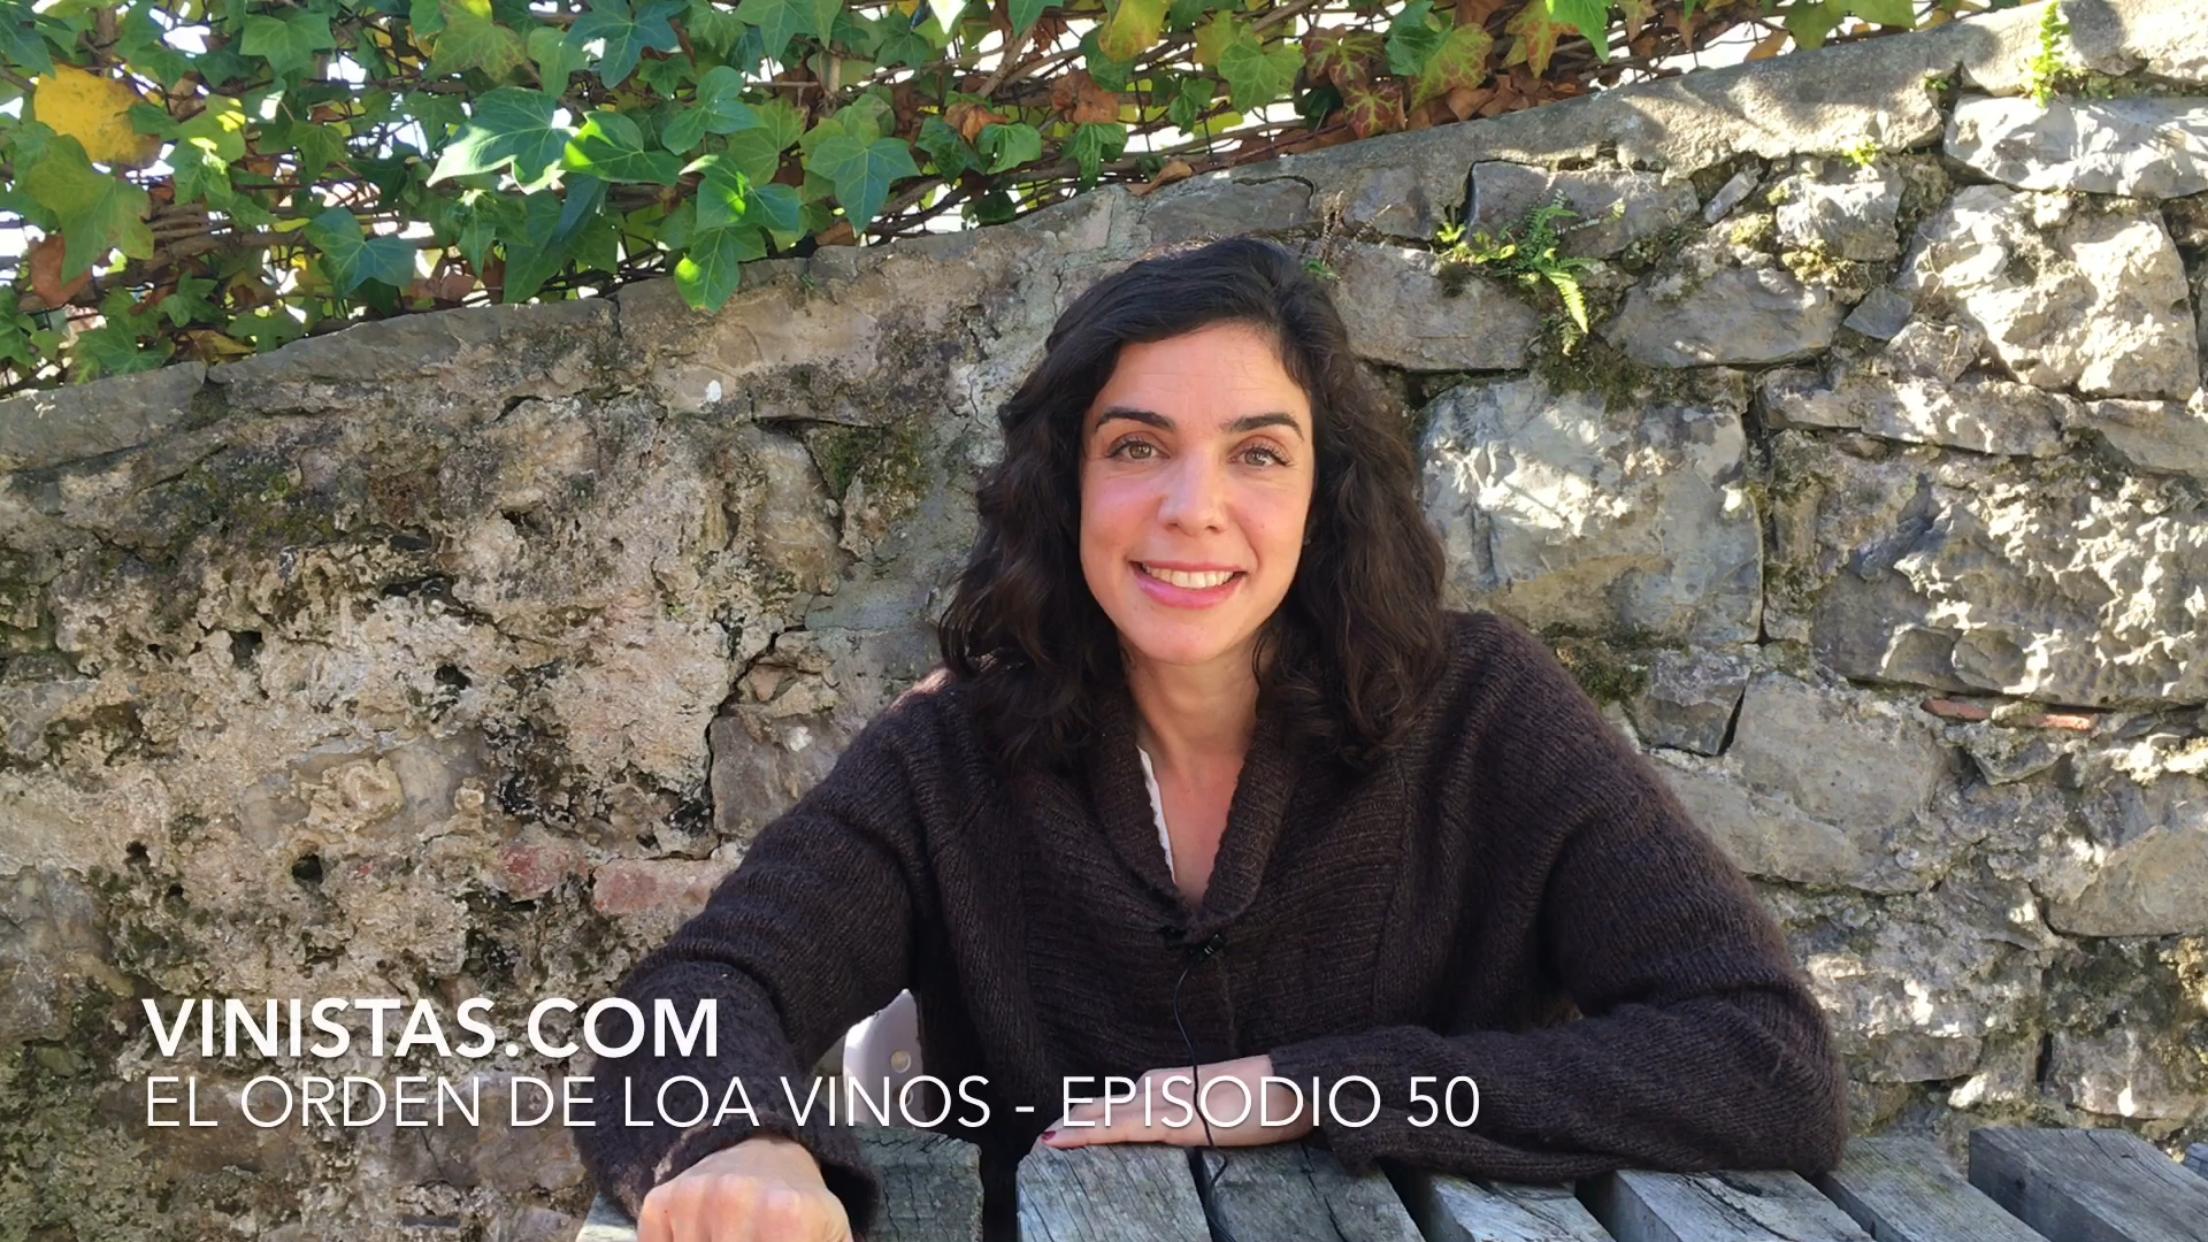 ¿Cuál es el orden de los vinos en una comida? VINISTAS TV- EPISODIO 50